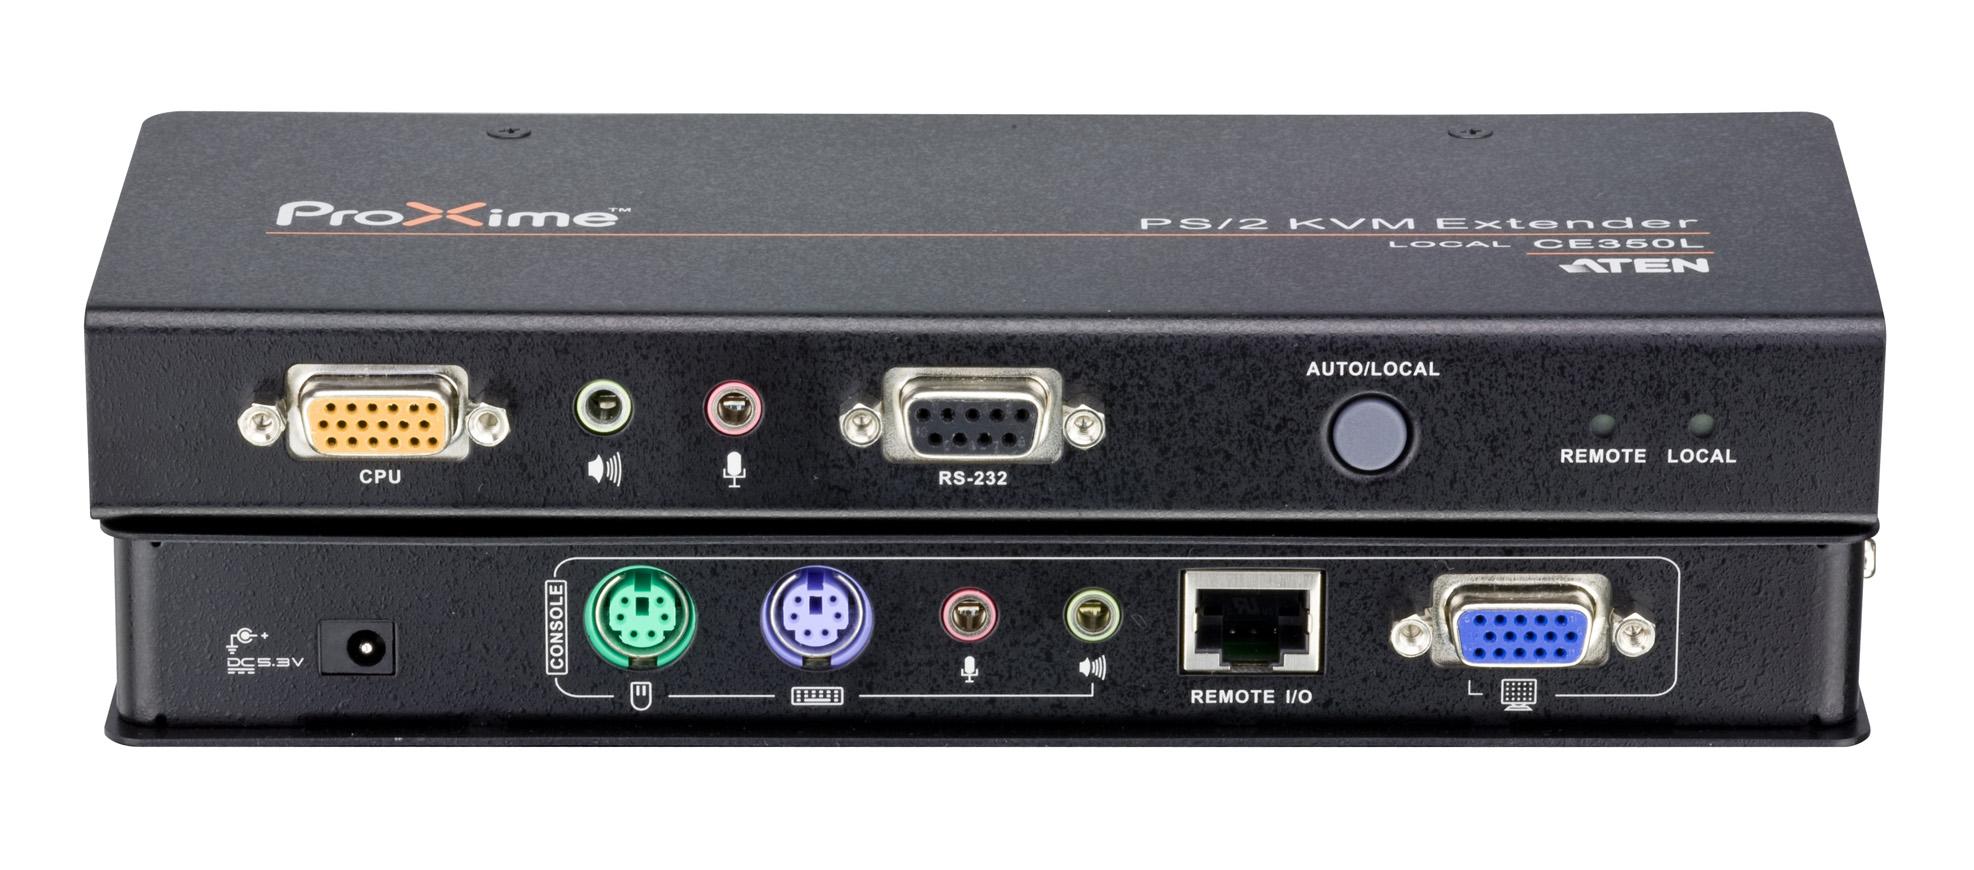 全新支援Deskew抗色偏與RS-232功能的PS/2 KVM訊號延長器